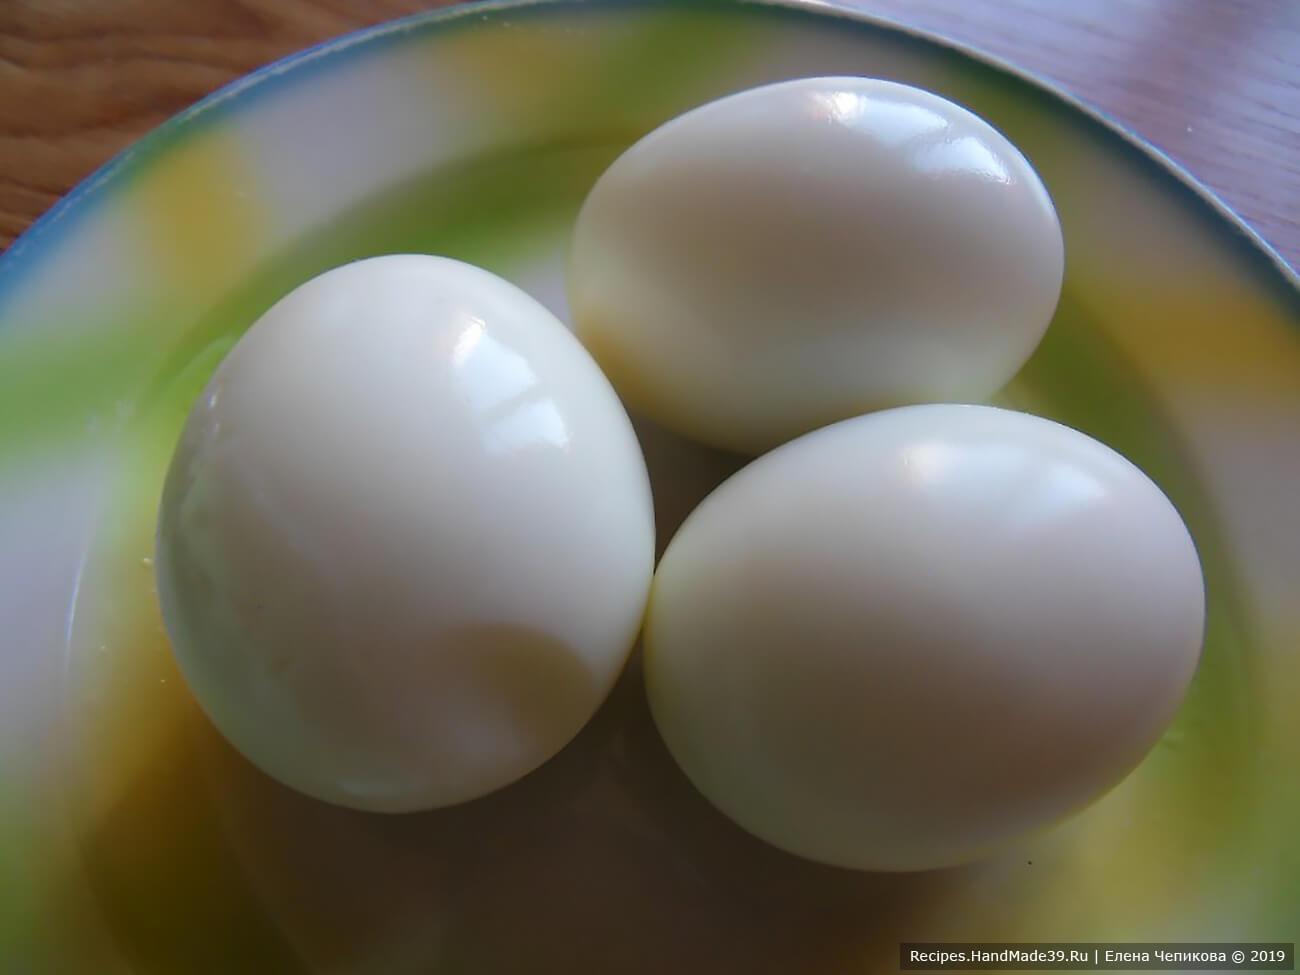 Яйца (3 шт.) сварить вкрутую. Остудить, очистить